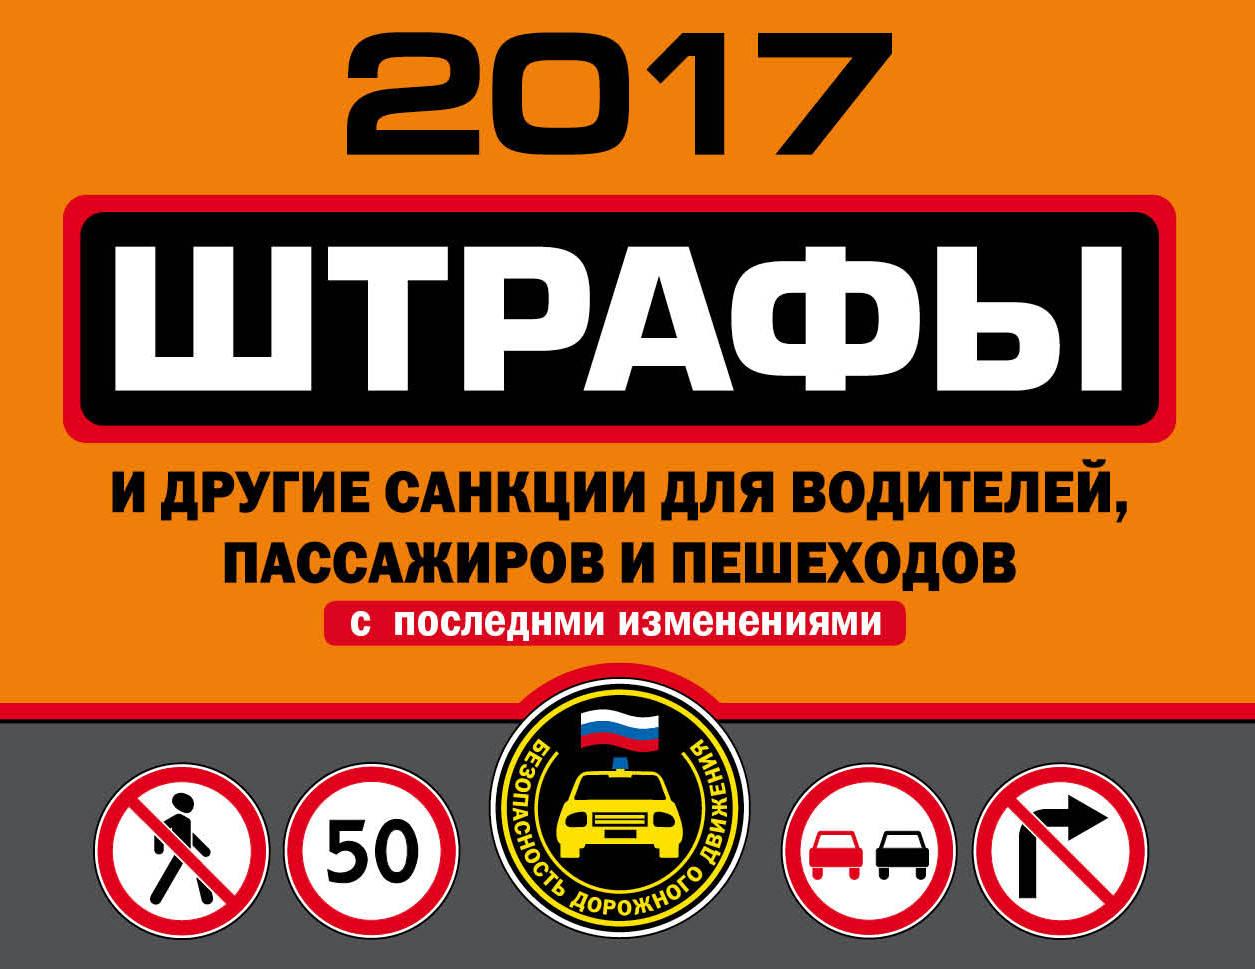 Штрафы и другие санкции для водителей, пассажиров и пешеходов с последними изменениями на 2017 год на авто штрафы